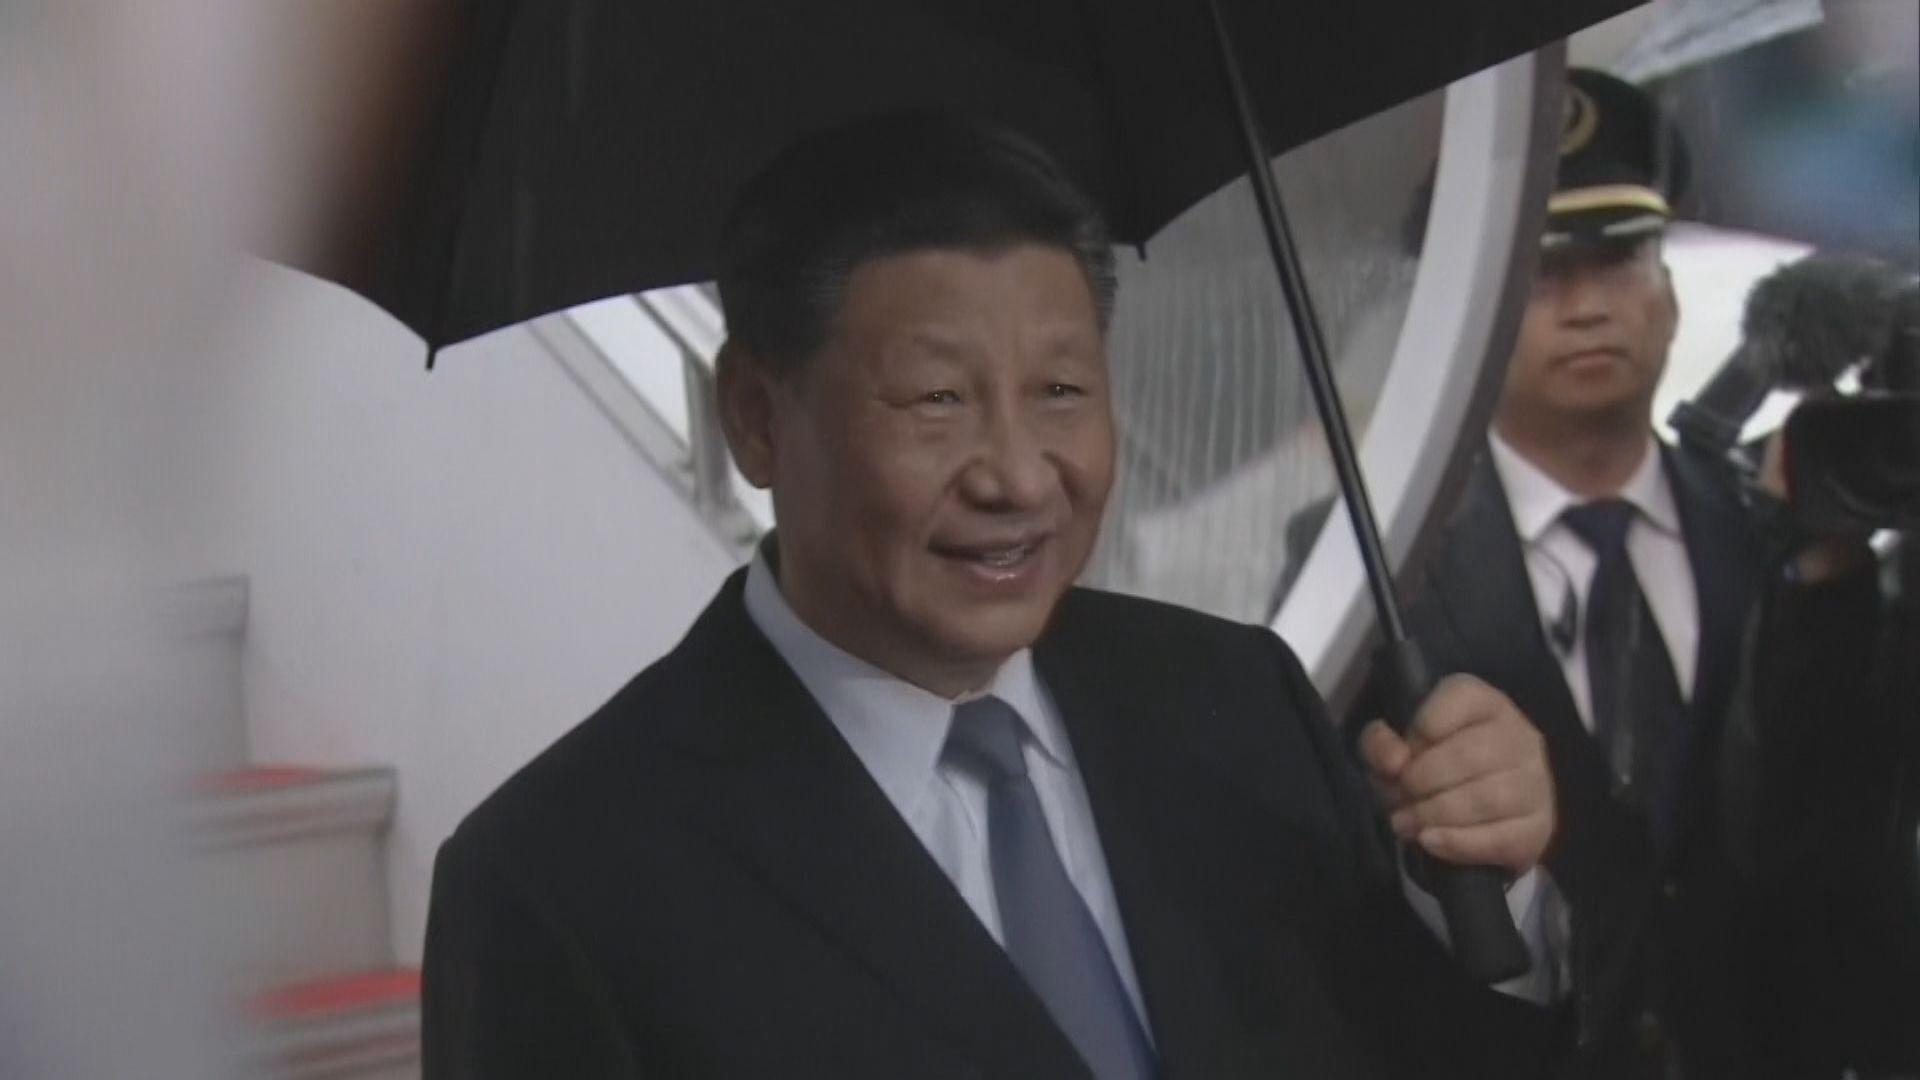 報道引述消息指中美兩國同意暫停貿易戰